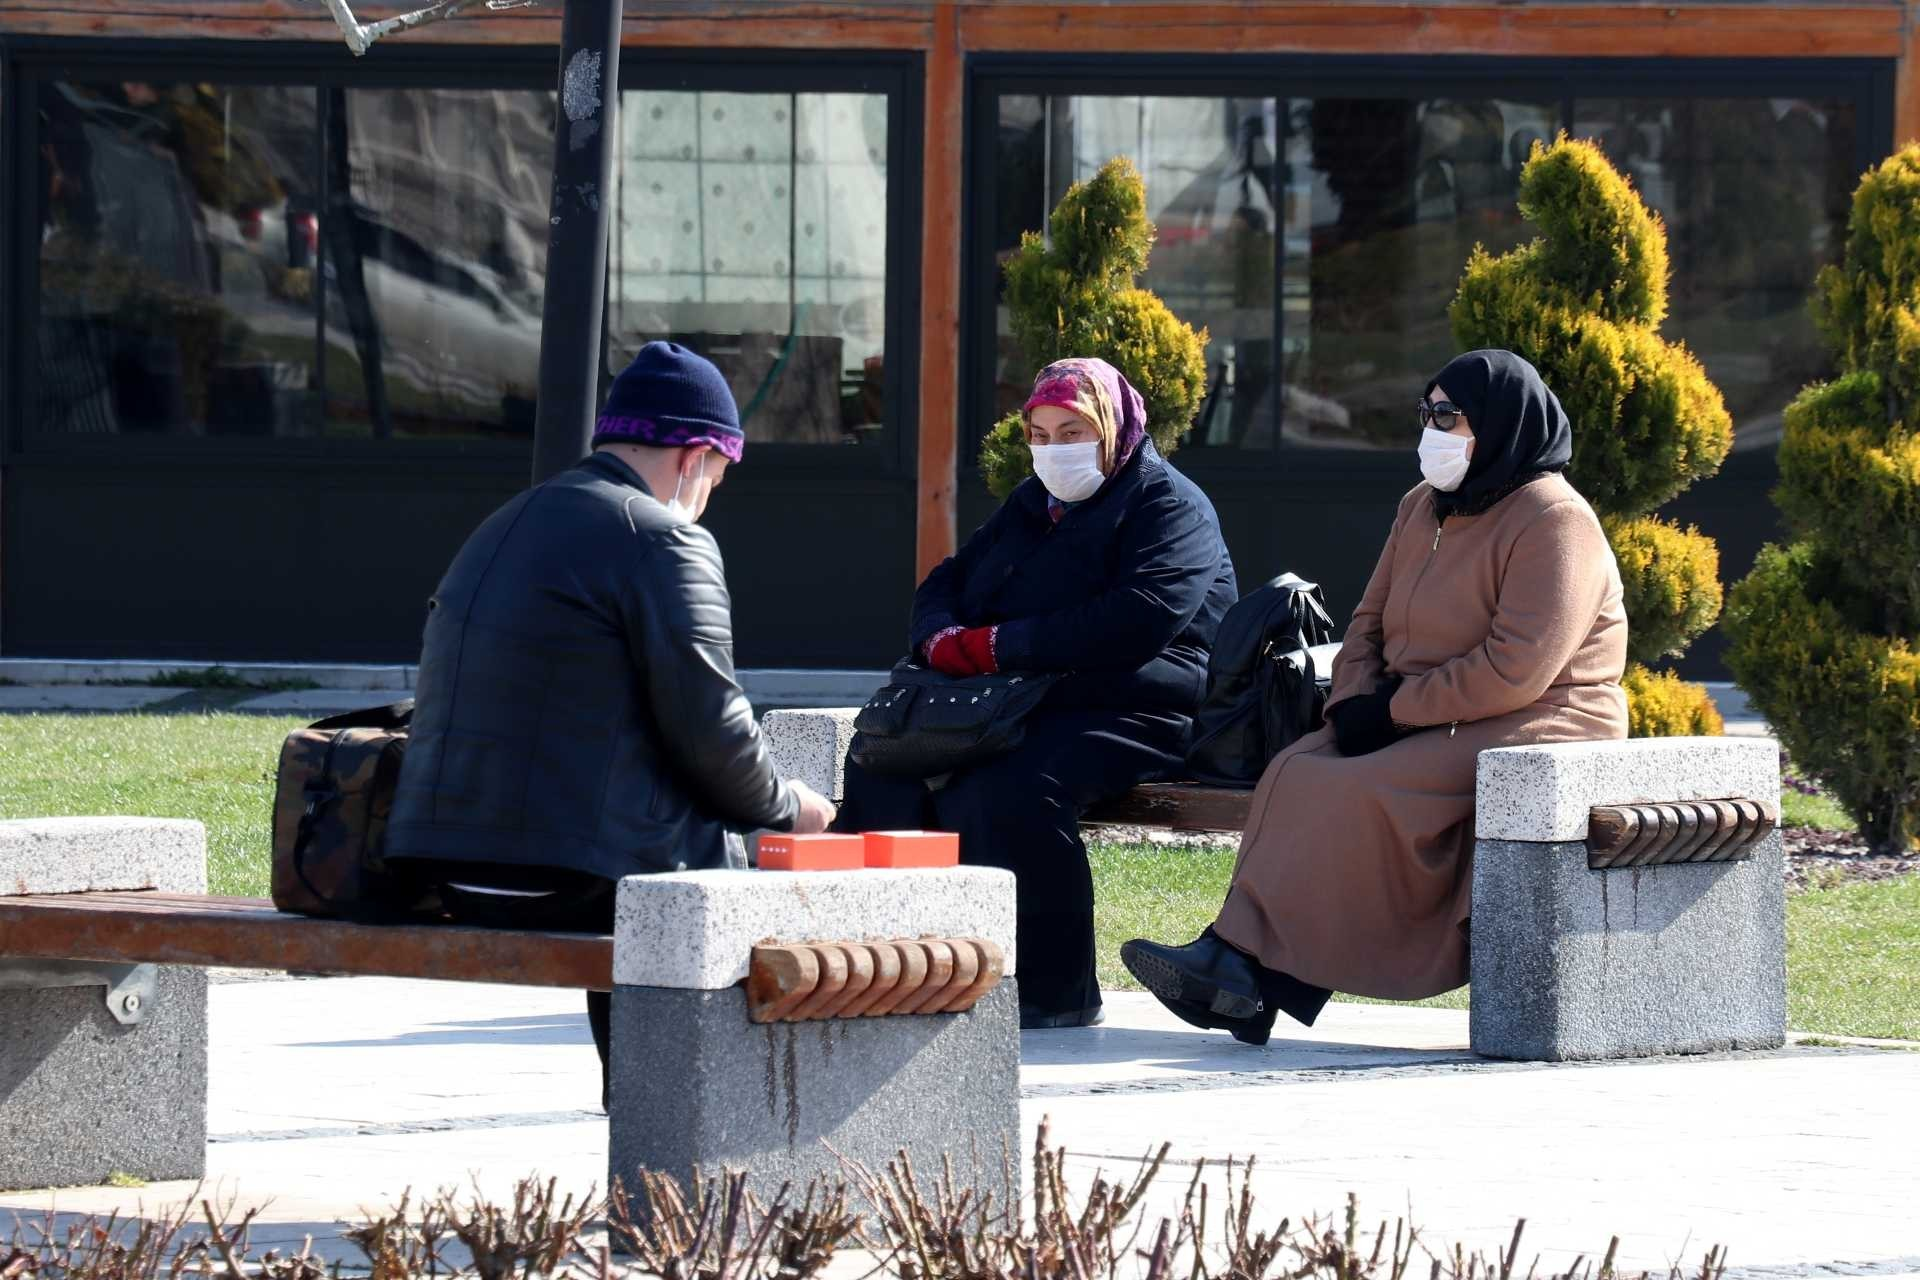 Sivas'ta kent meydanında banklarda oturan ve koronavirüs (Kovid-19) salgını dolayısıyla ağız ve burunlarını maskeyle kapatan insanlar.